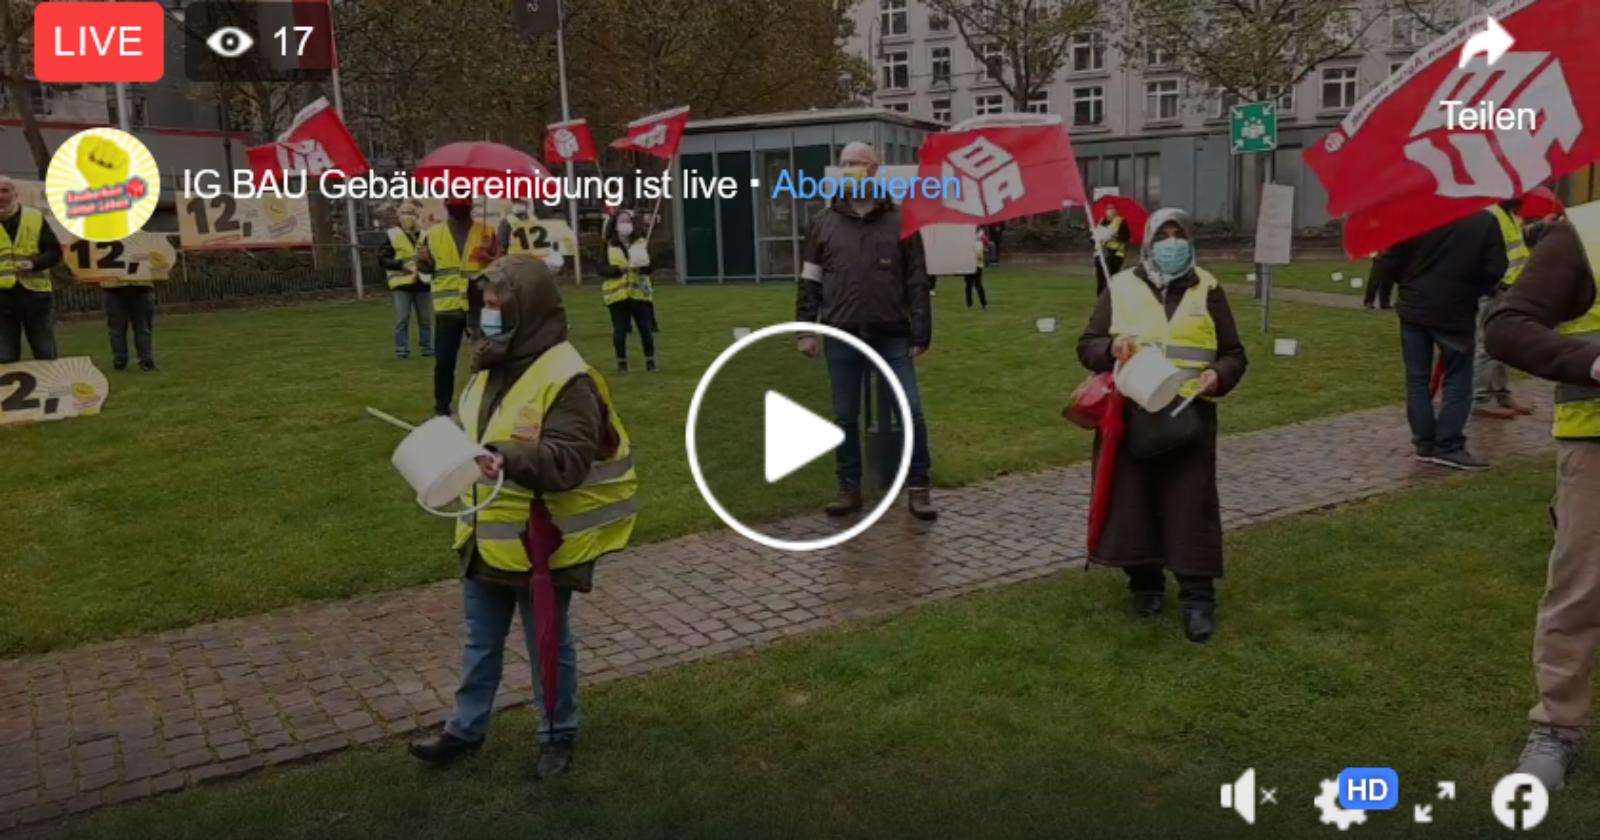 +++ Livestream aus Köln +++ Kundgebung der Gebäudereiniger*innen vor dem Verhandlungslokal +++